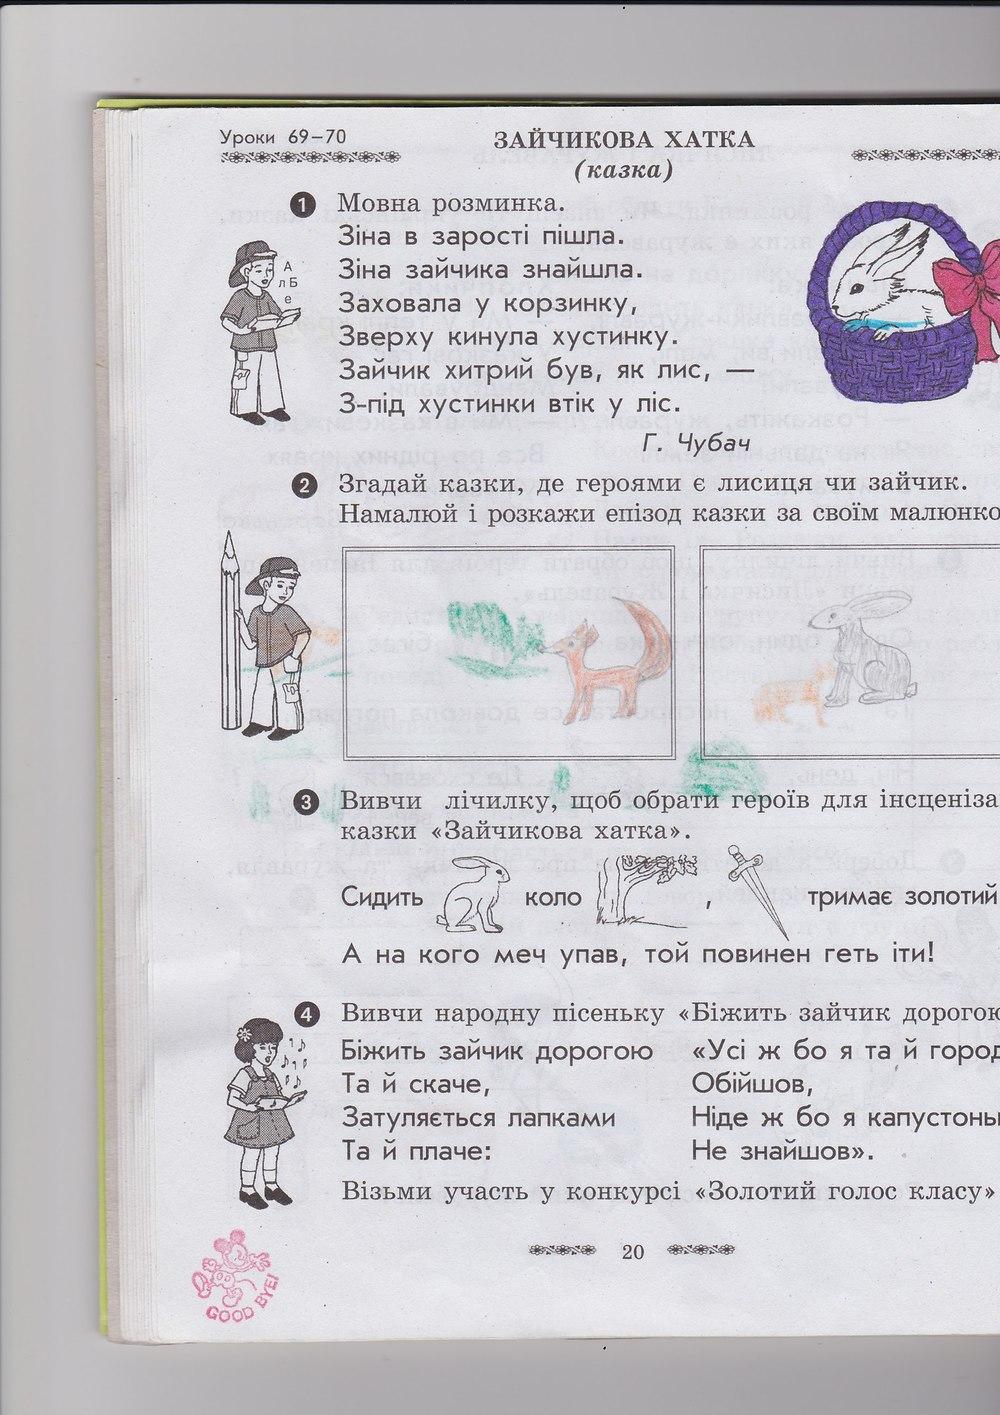 ГДЗ відповіді робочий зошит по рiдна/укр. мова 1 класс Кобзар О. Г.. Задание: стр. 20